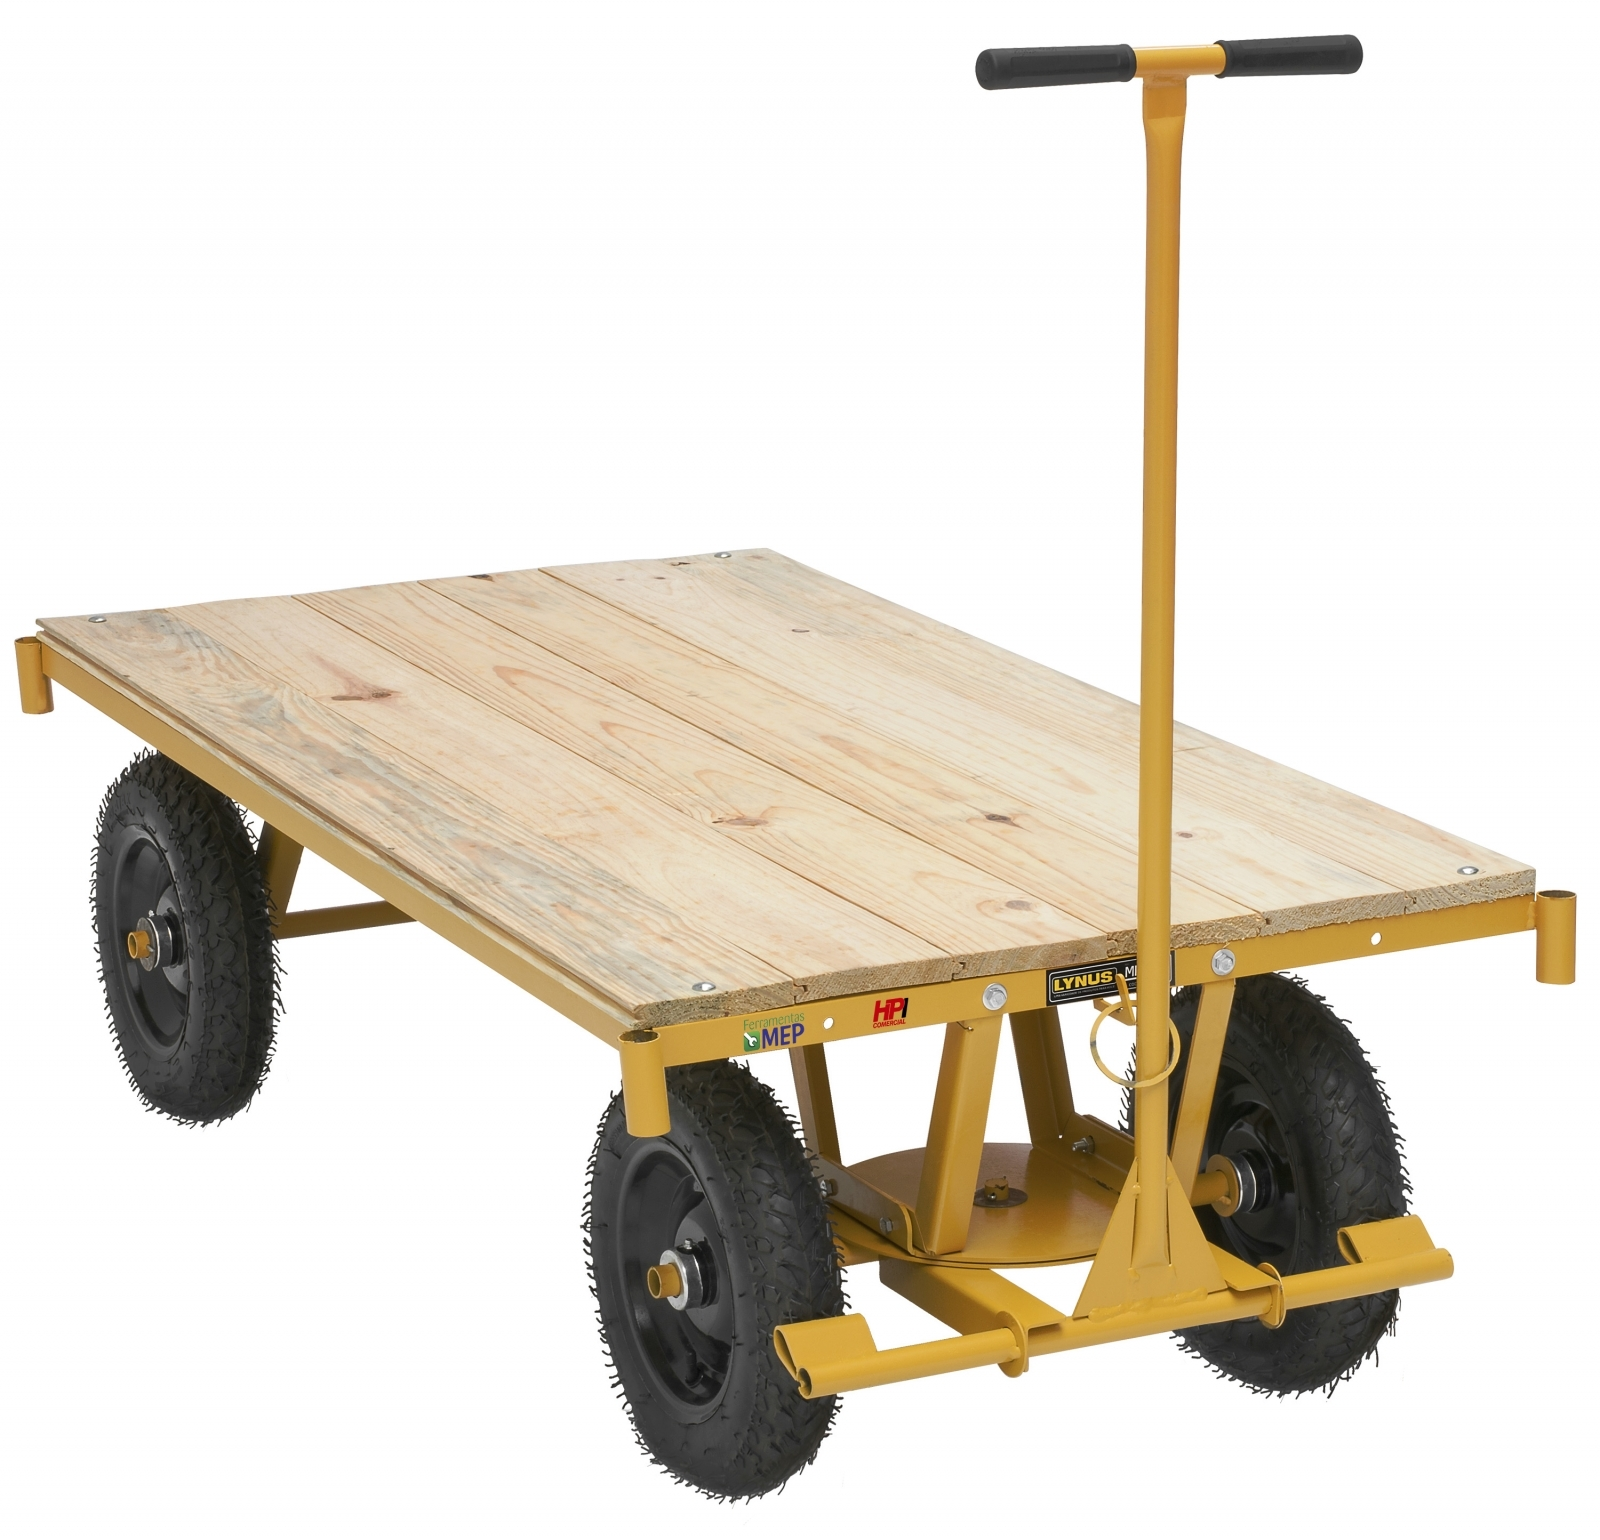 Carrinho Para Movimentação Transporte De Cargas Plataforma Mp1 - Ferramentas MEP